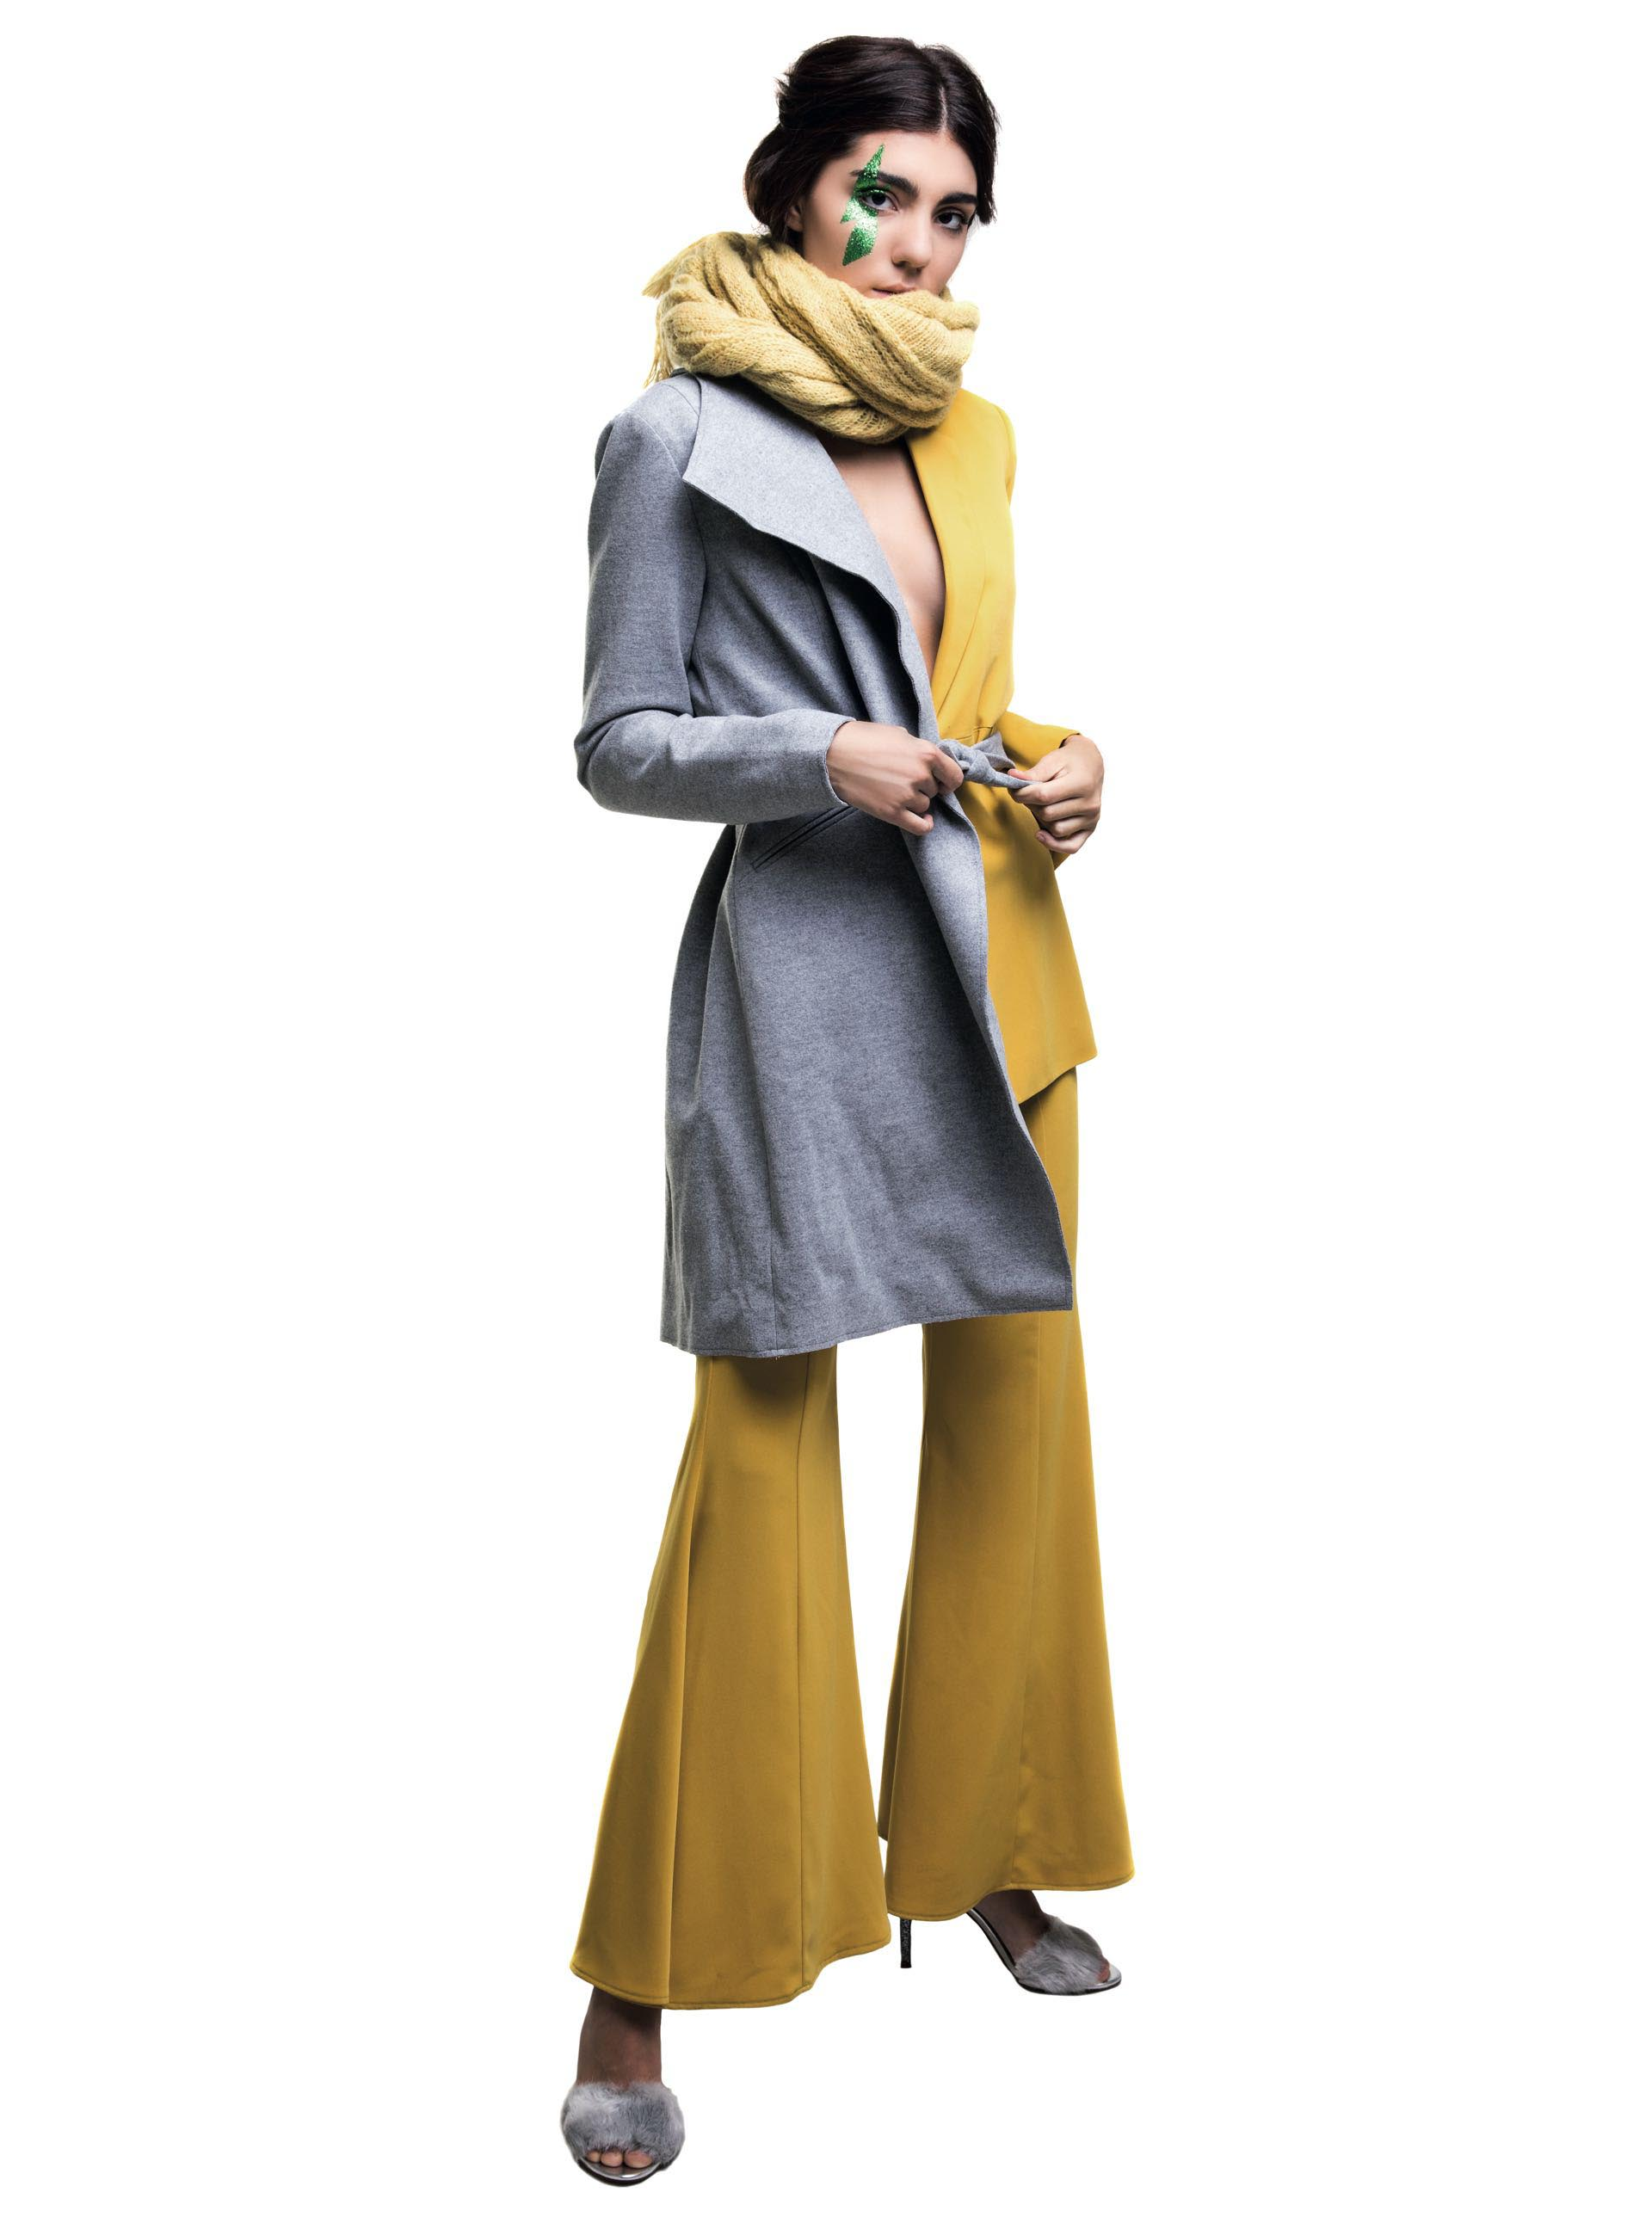 Tapado con lazo ($ 2.990, Basement), blazer y pantalón ancho ($ 4.850 y $ 3.950, Naíma), sandalias con tira de pelo ($ 1.500, Aldo para Grimoldi) y bufanda (La Cofradía).